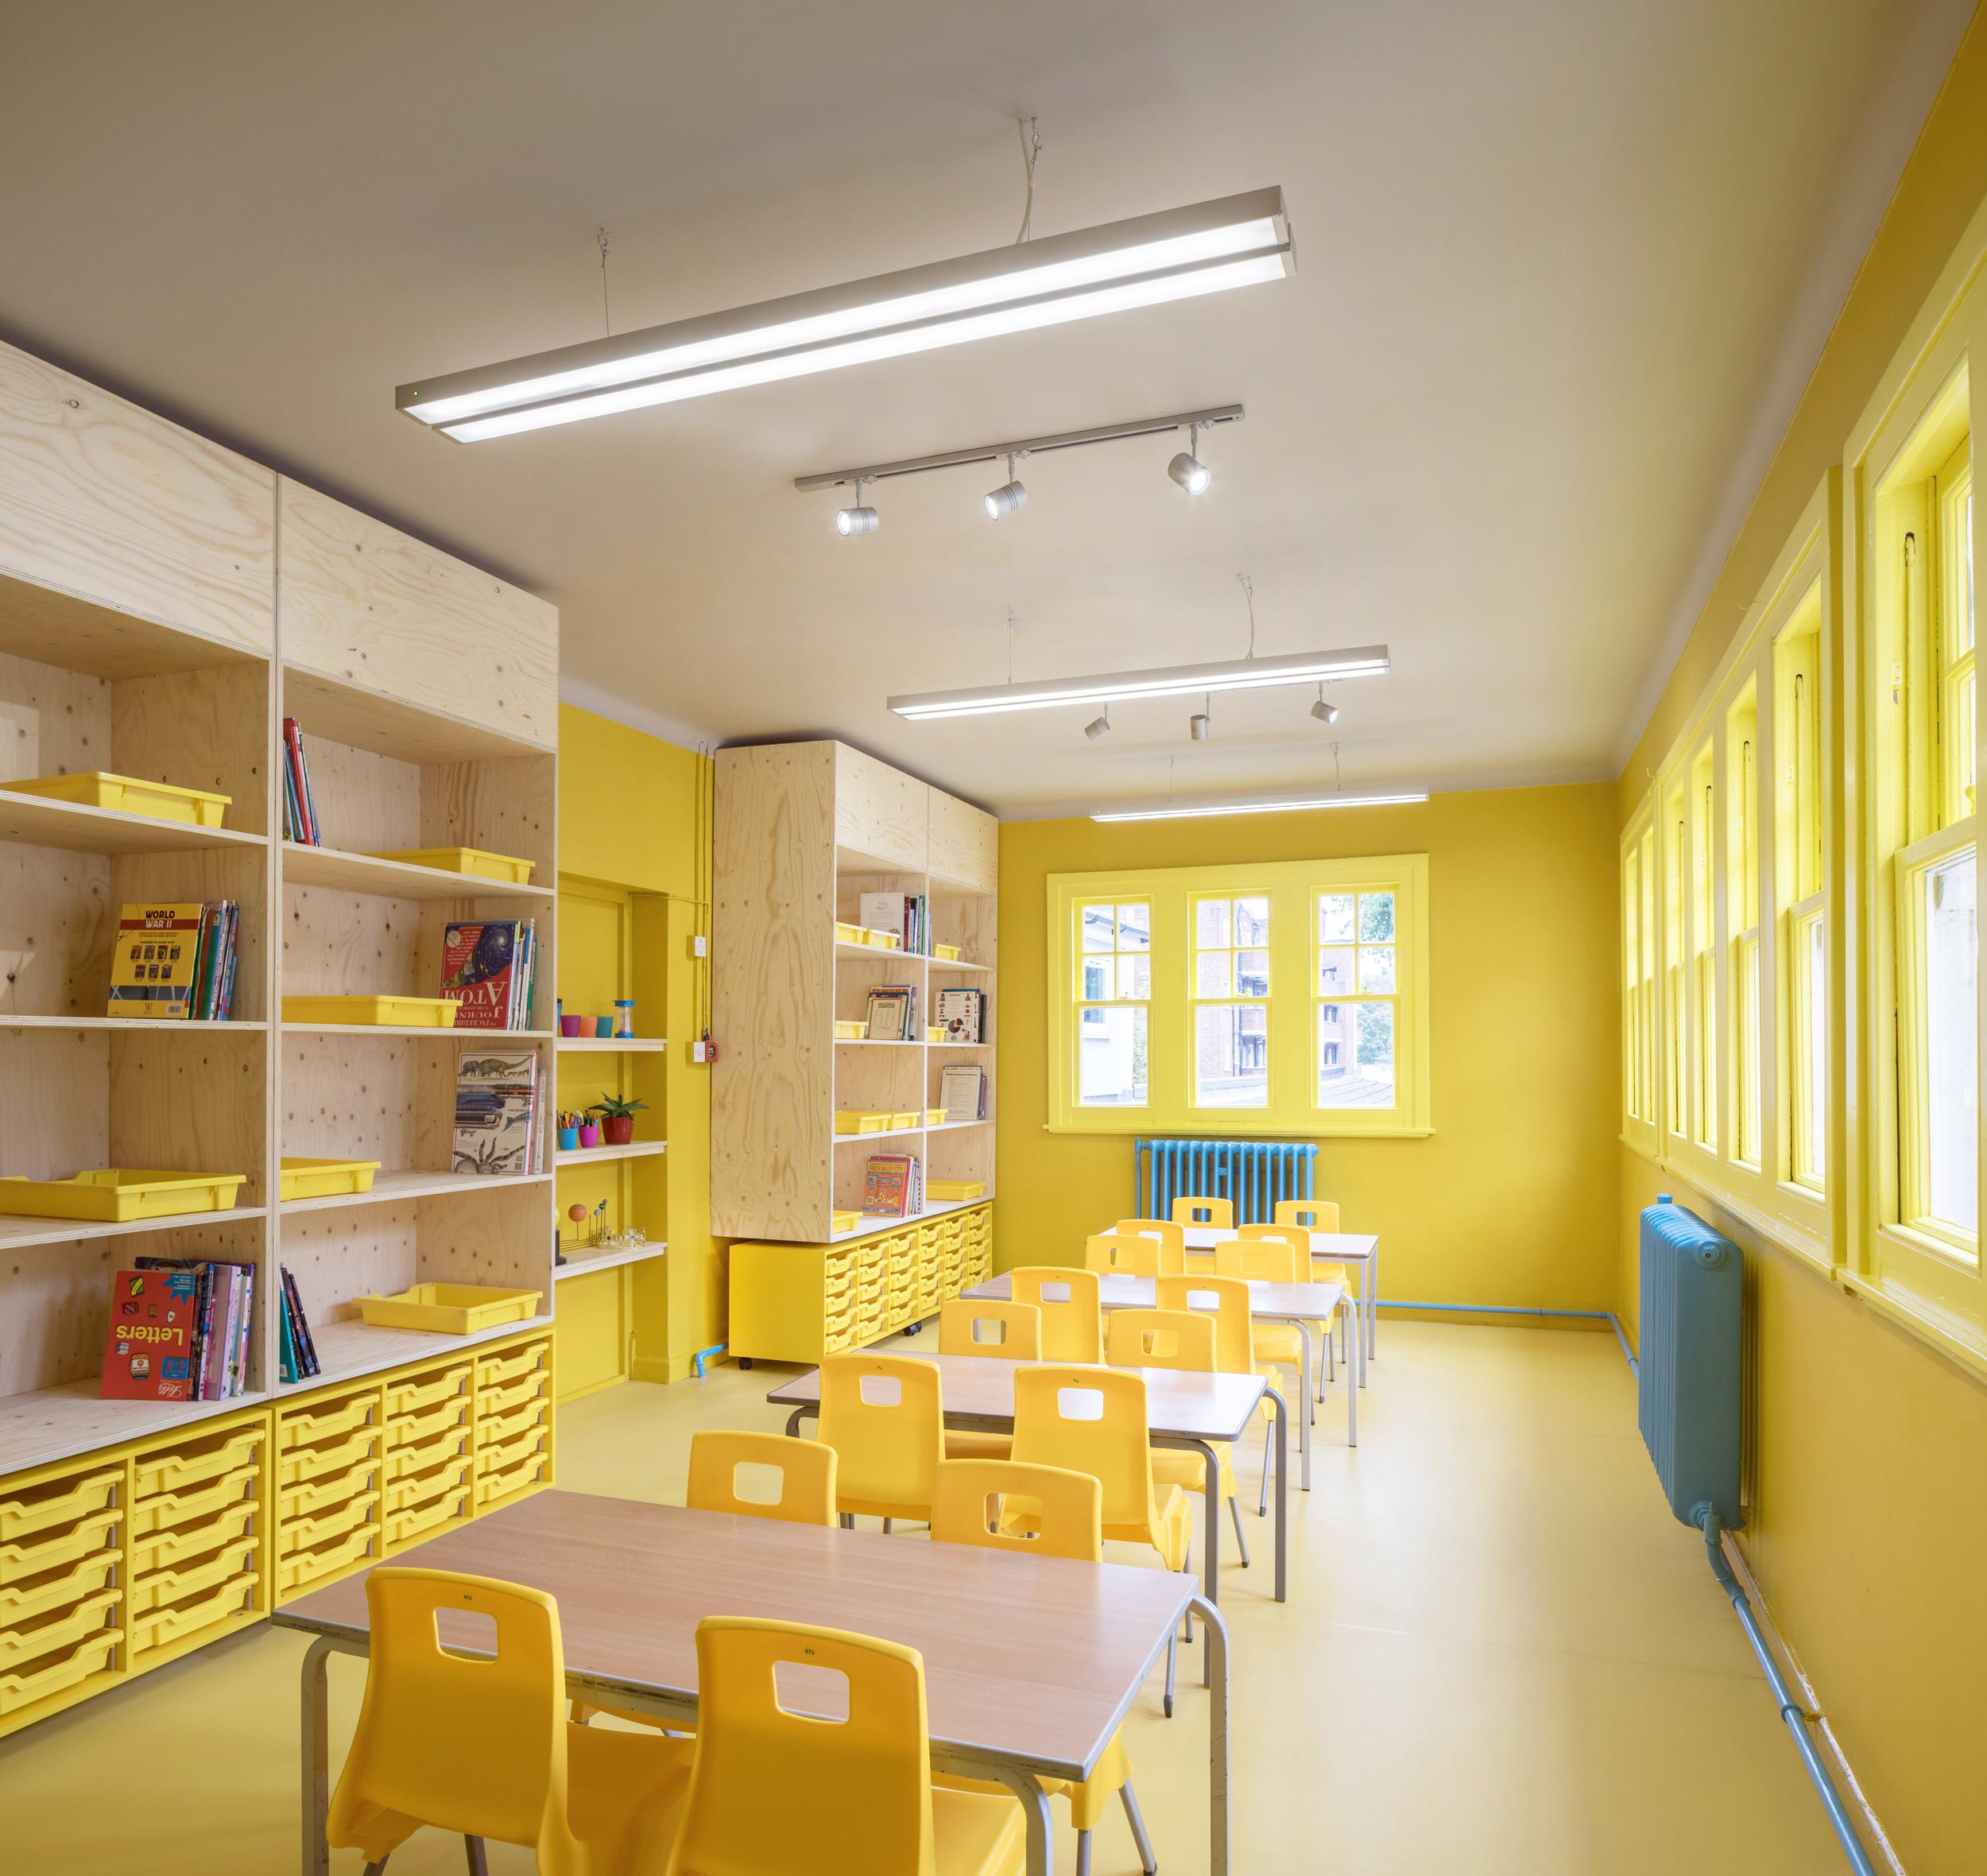 Дизайн класса в школе